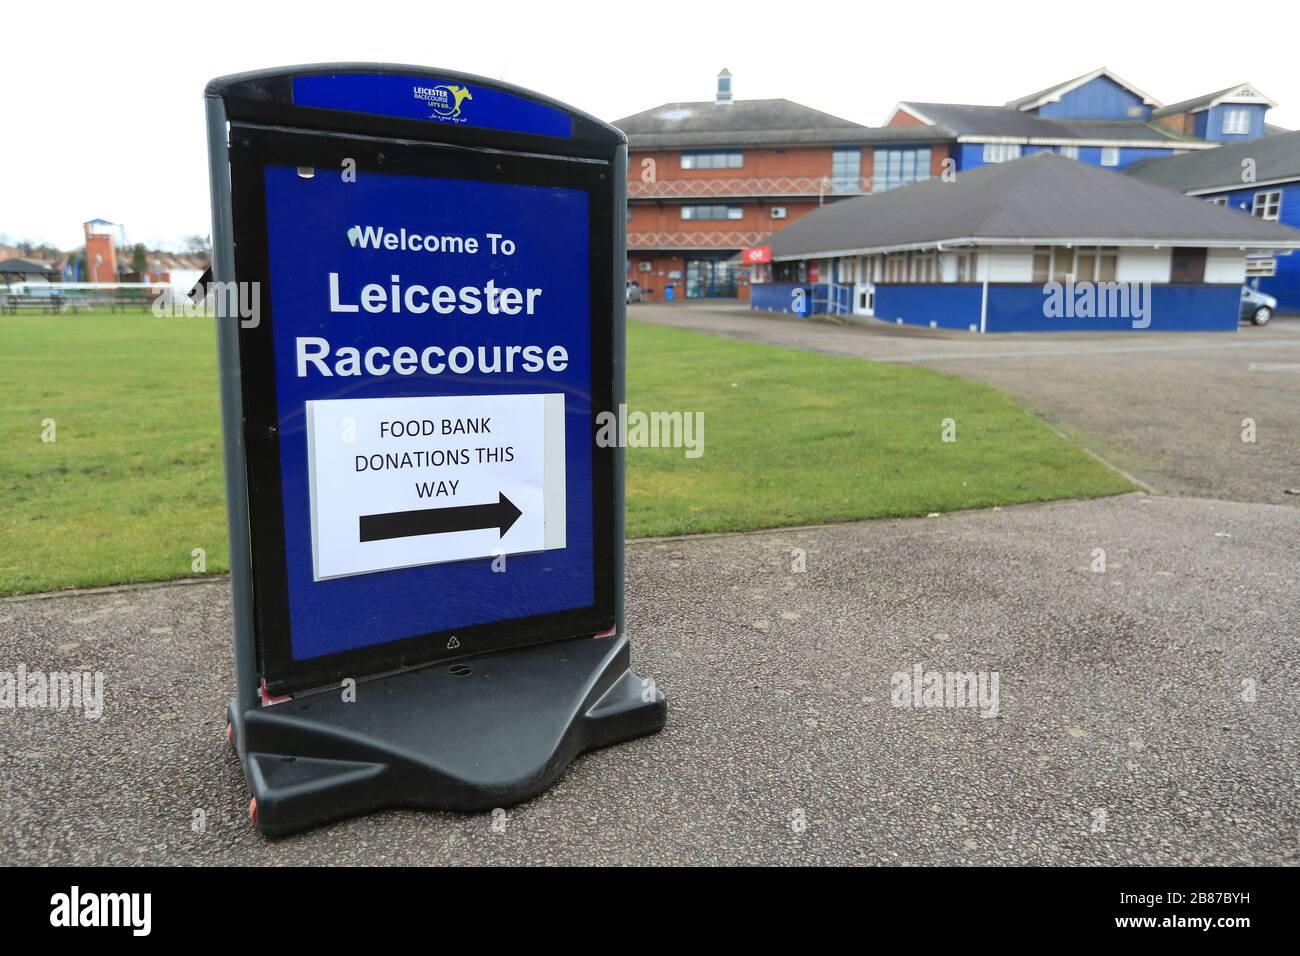 Eine allgemeine Ansicht eines Zeichens für eine Lebensmittelspendenbank auf der Rennbahn in Leicester als Rennsport in Großbritannien ist frühestens Ende April in Sicht. Stockfoto